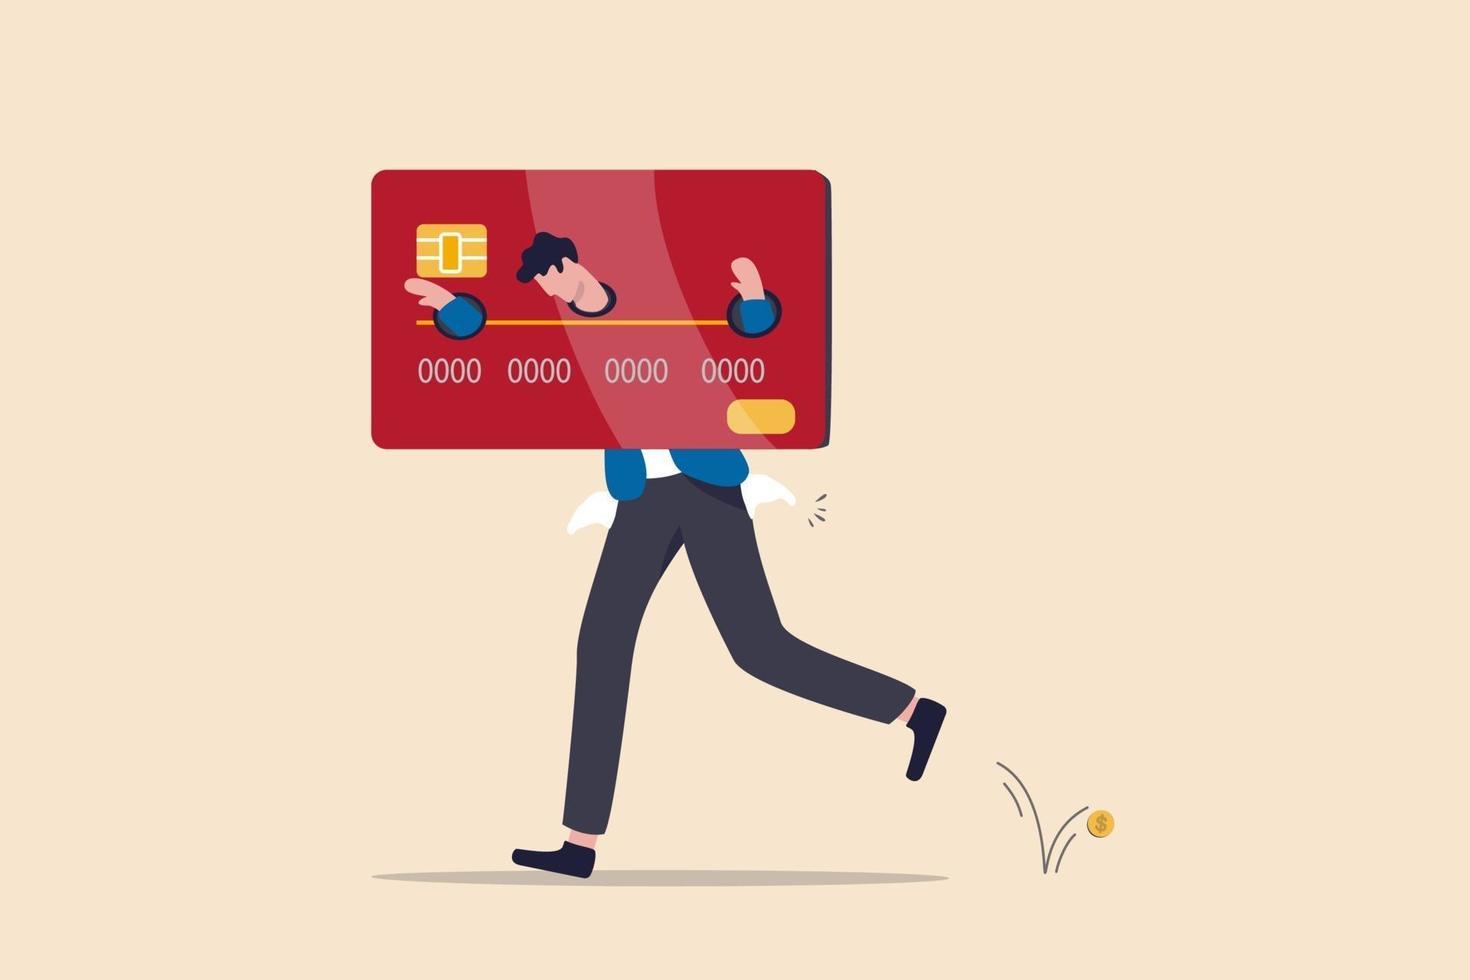 Dette de carte de crédit, problème de dépenses excessives, échec financier ou concept de coût et de dépenses trop élevé vecteur